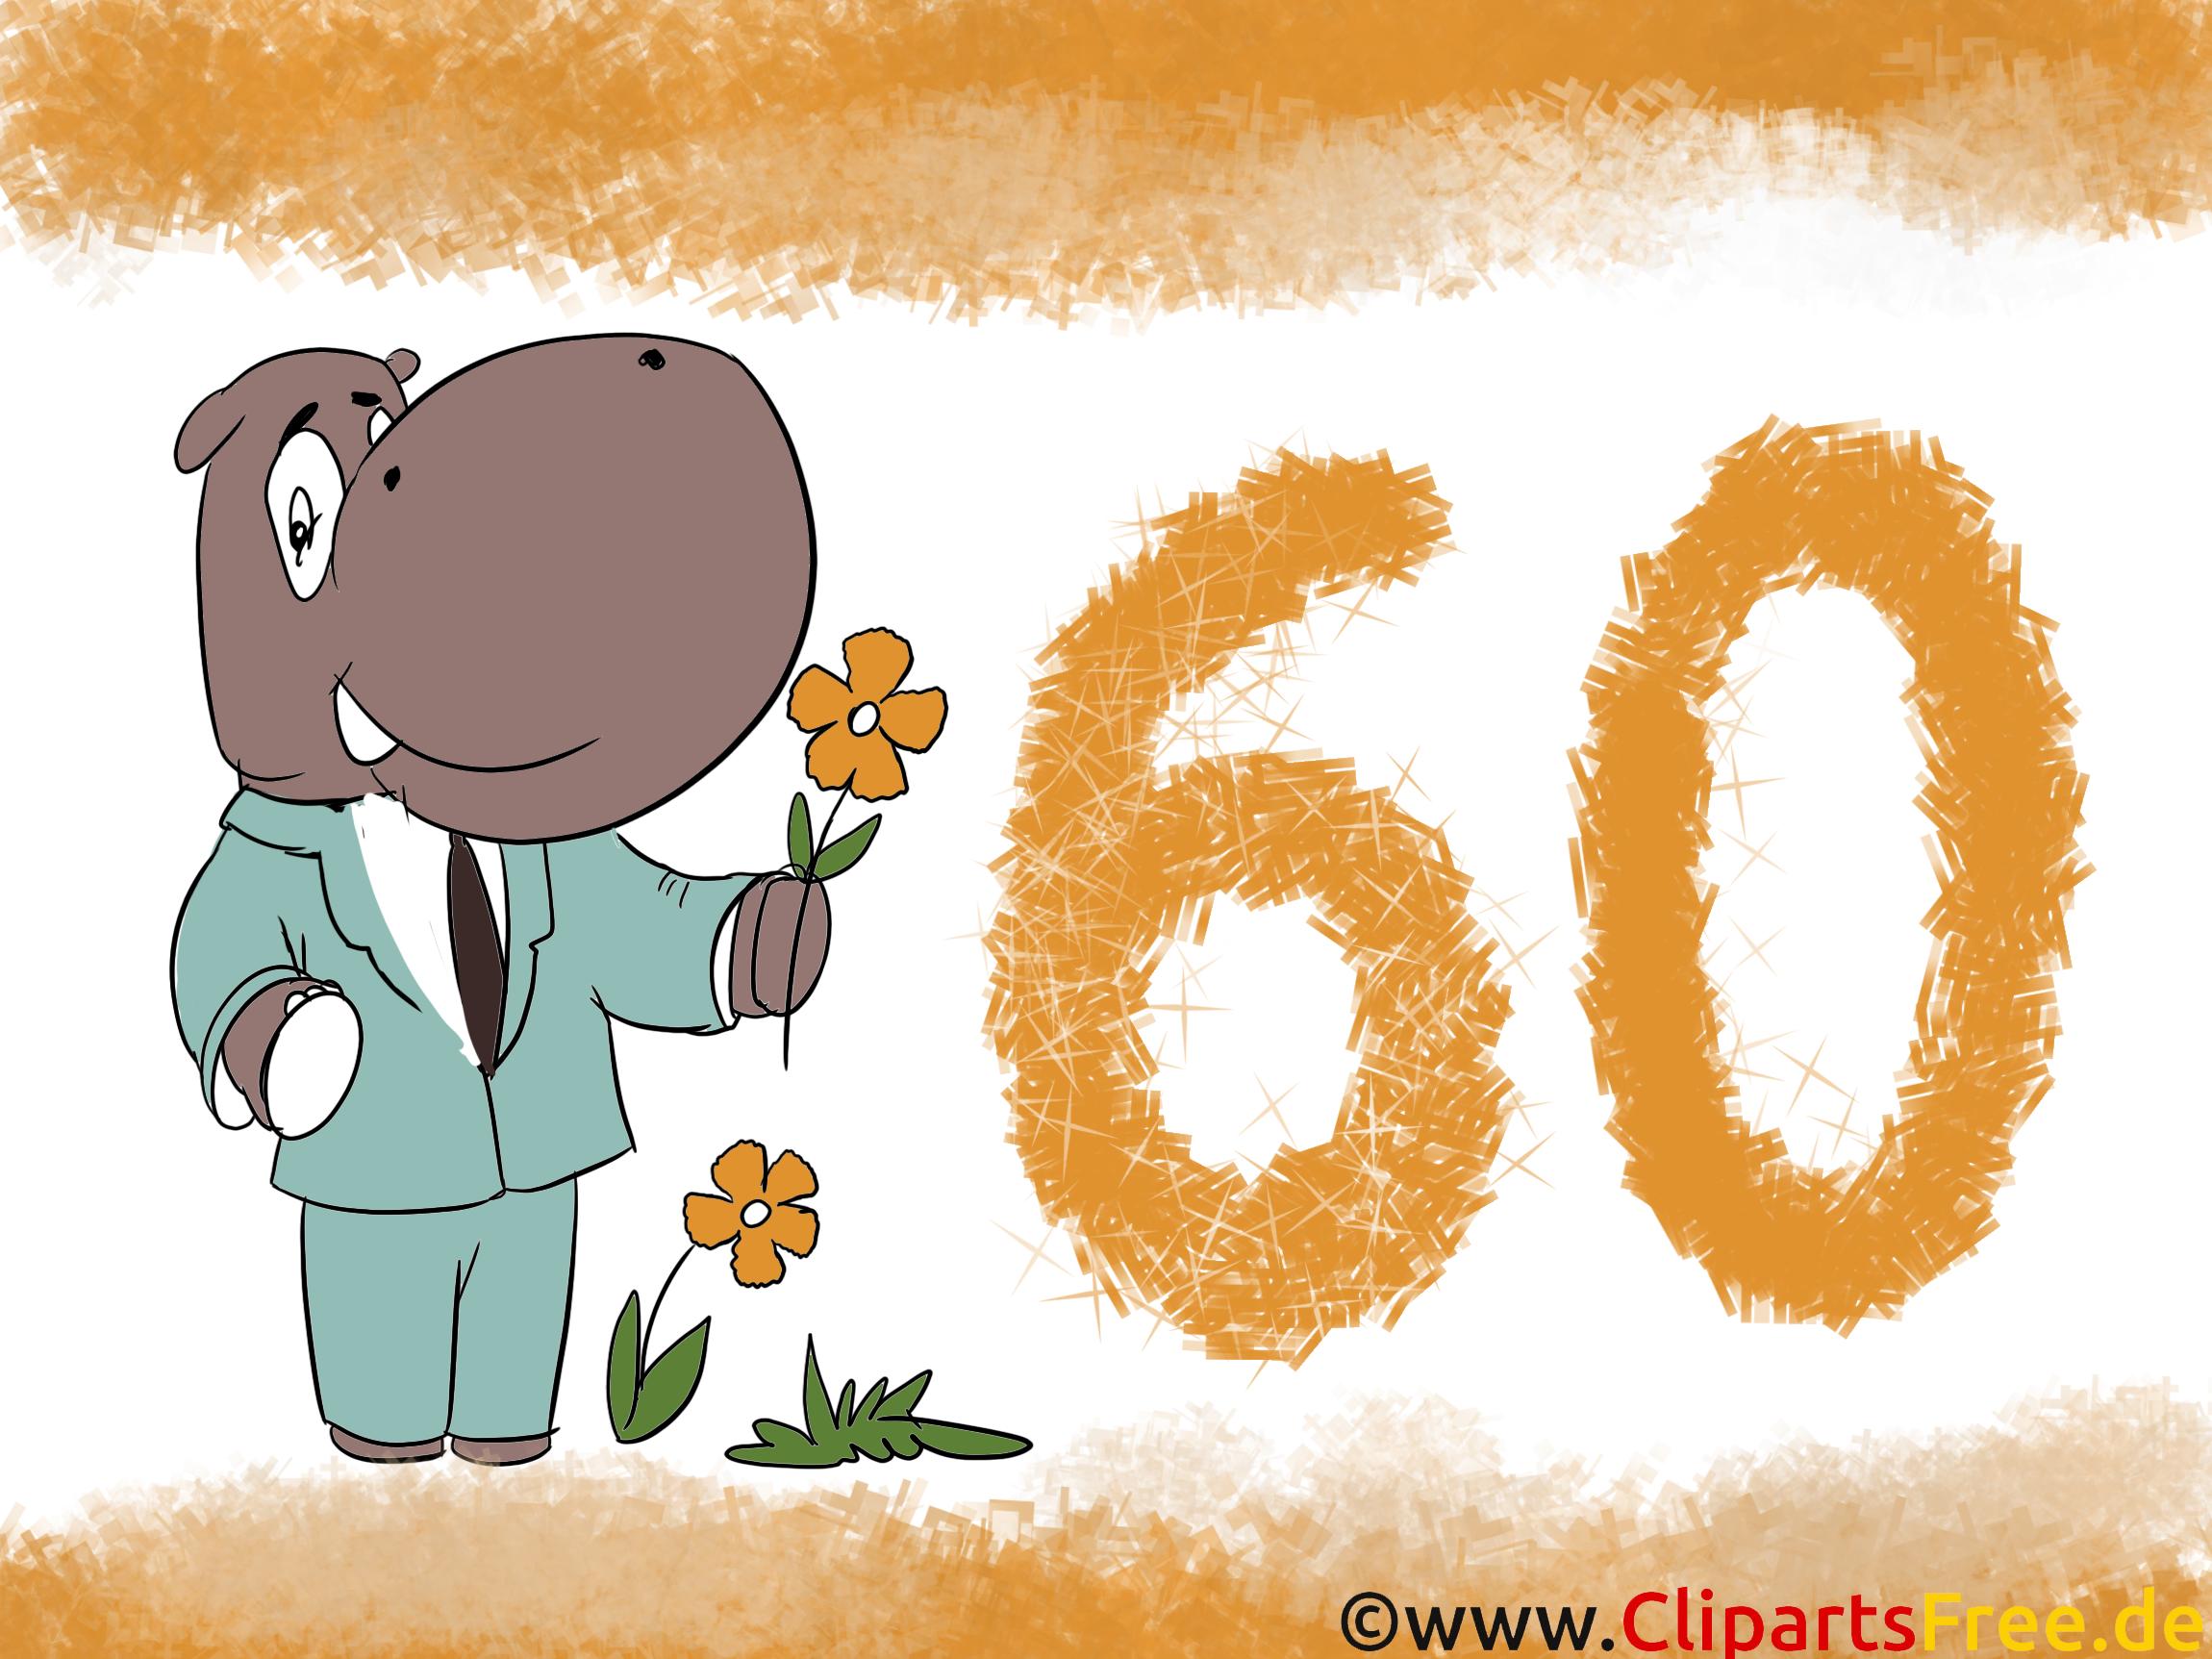 geburtstagssprüche 60 | hausgestaltung ideen